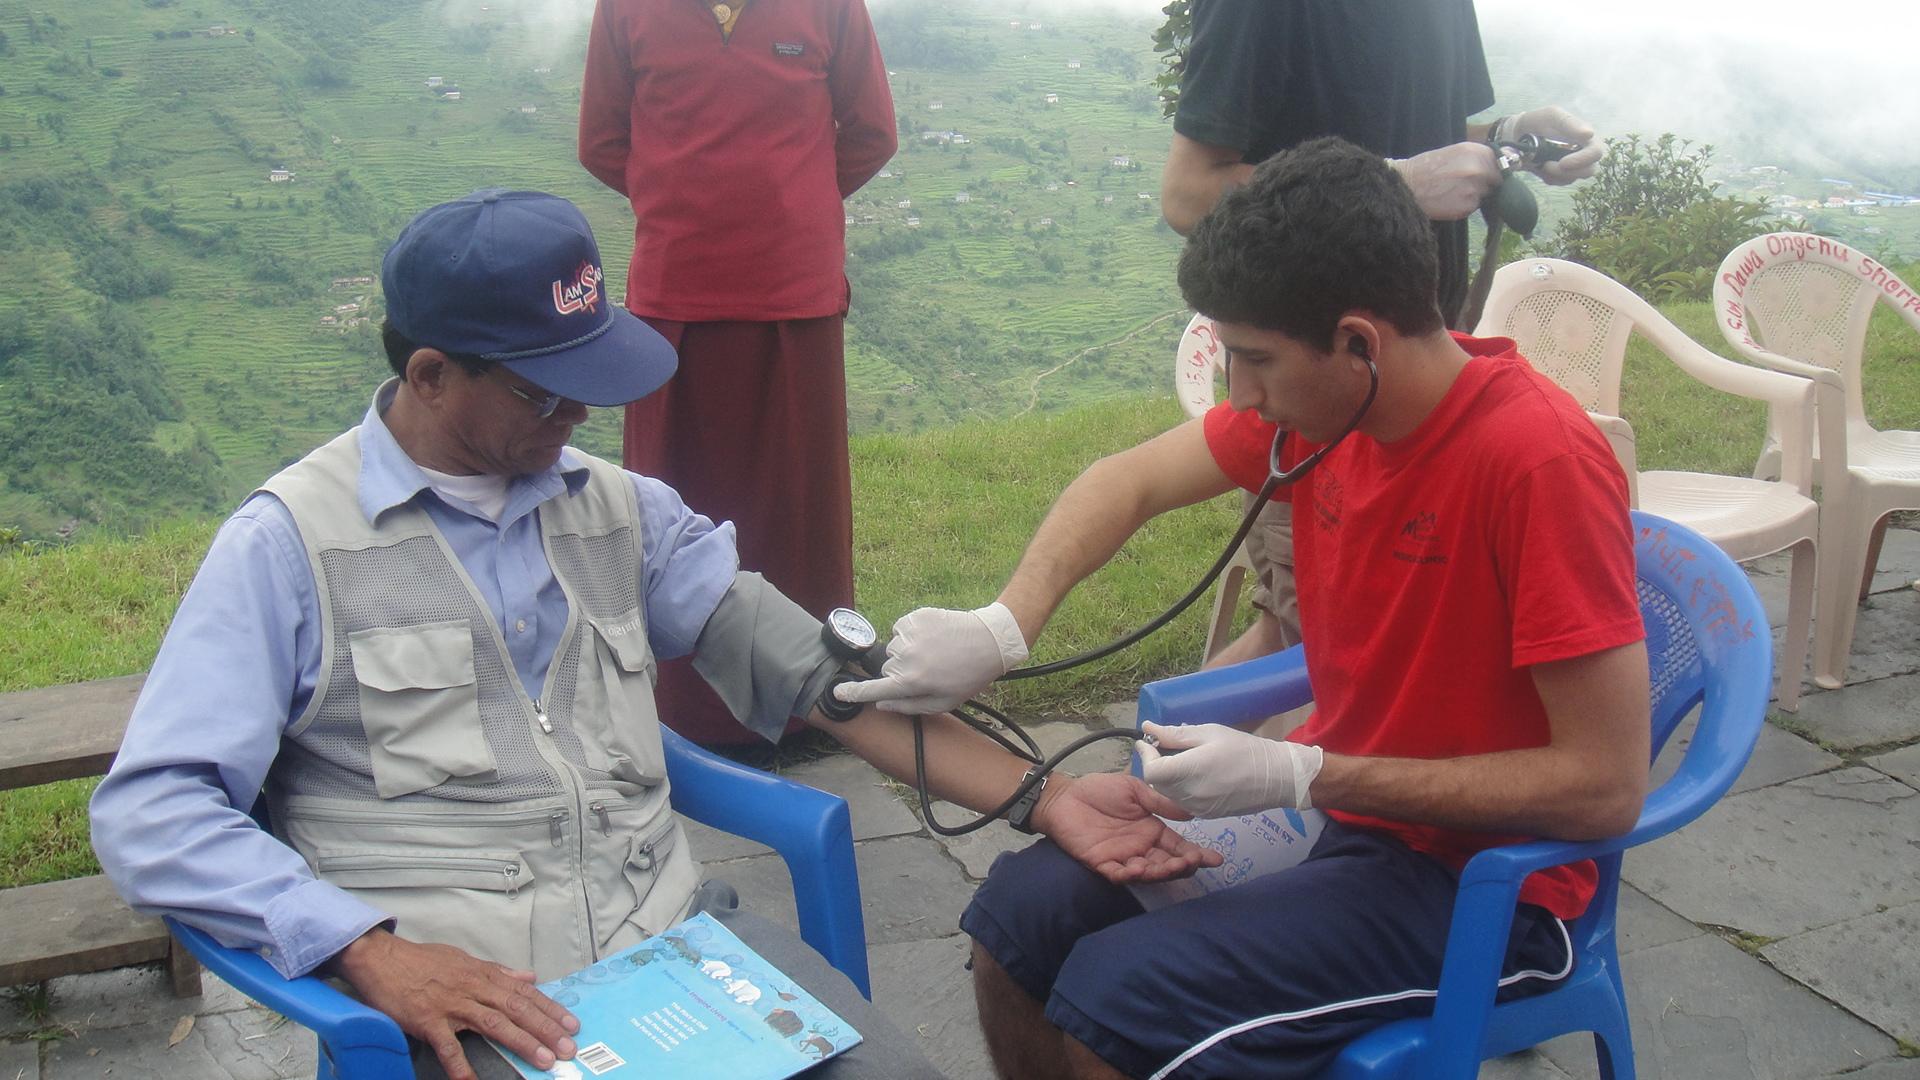 Consultation_Med_Sutdents_Adventure_Alternative_Nepal.JPG